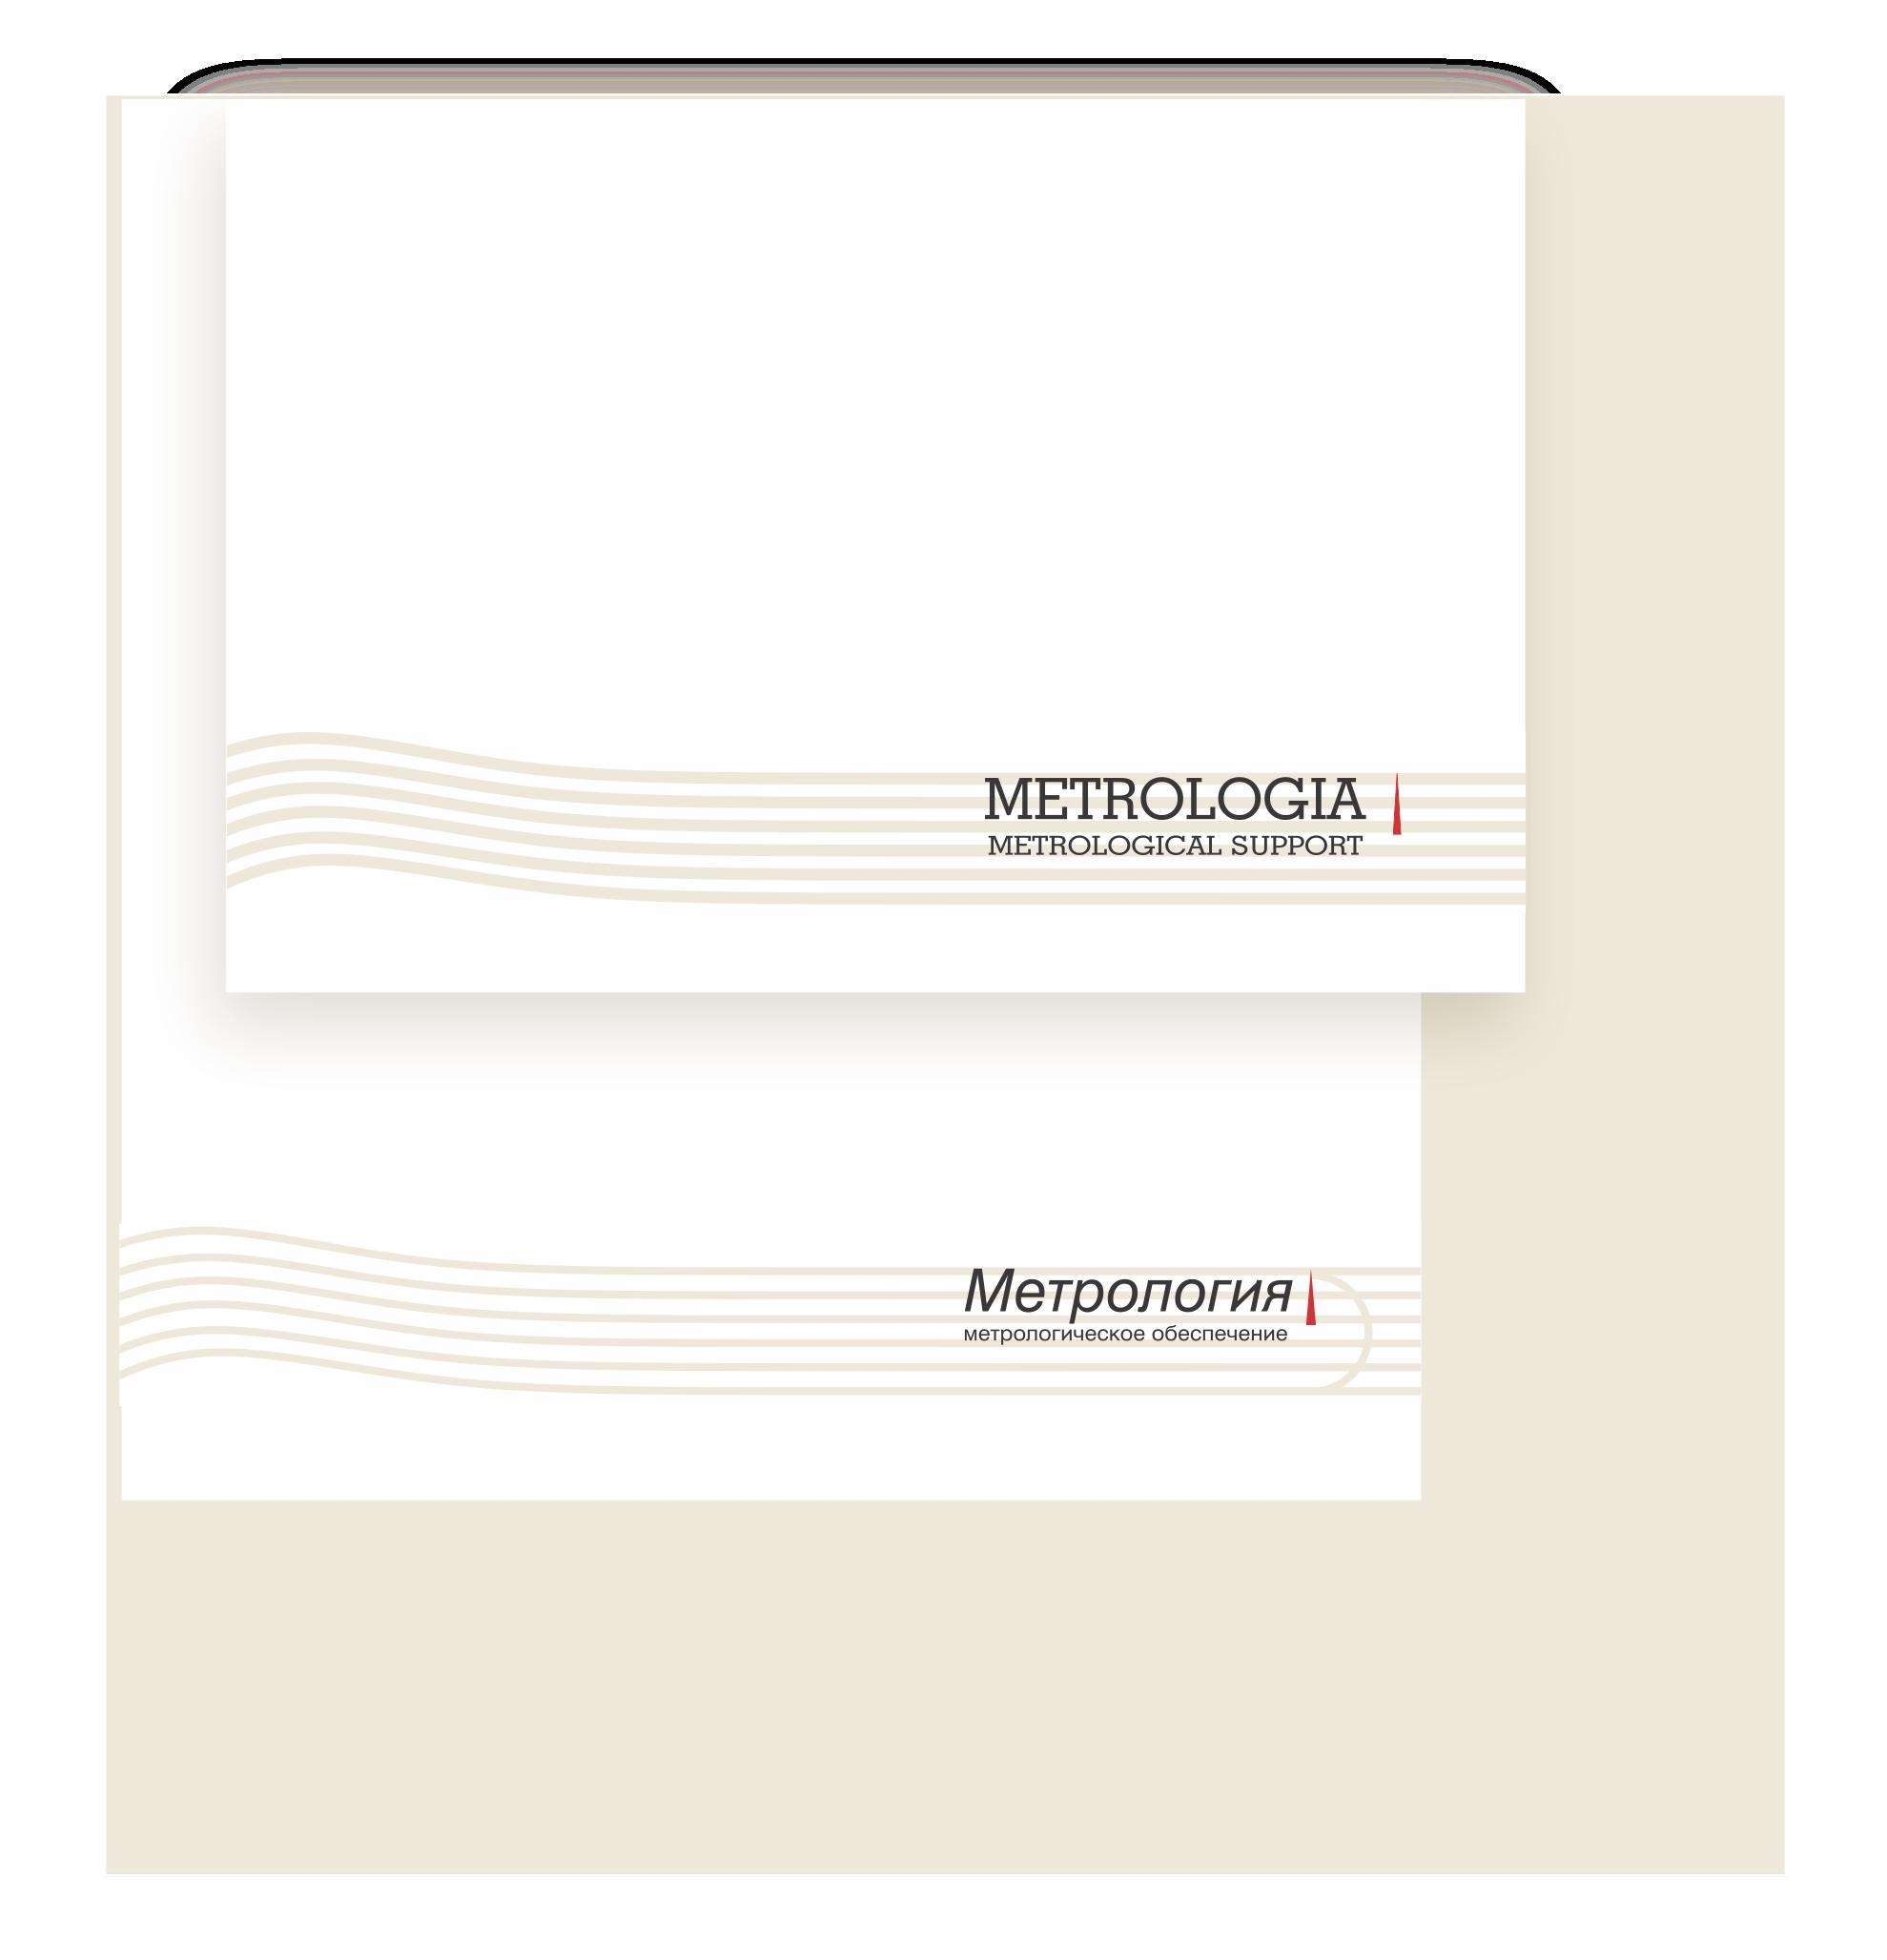 Разработать логотип, визитку, фирменный бланк. фото f_59958f92d1826da6.png